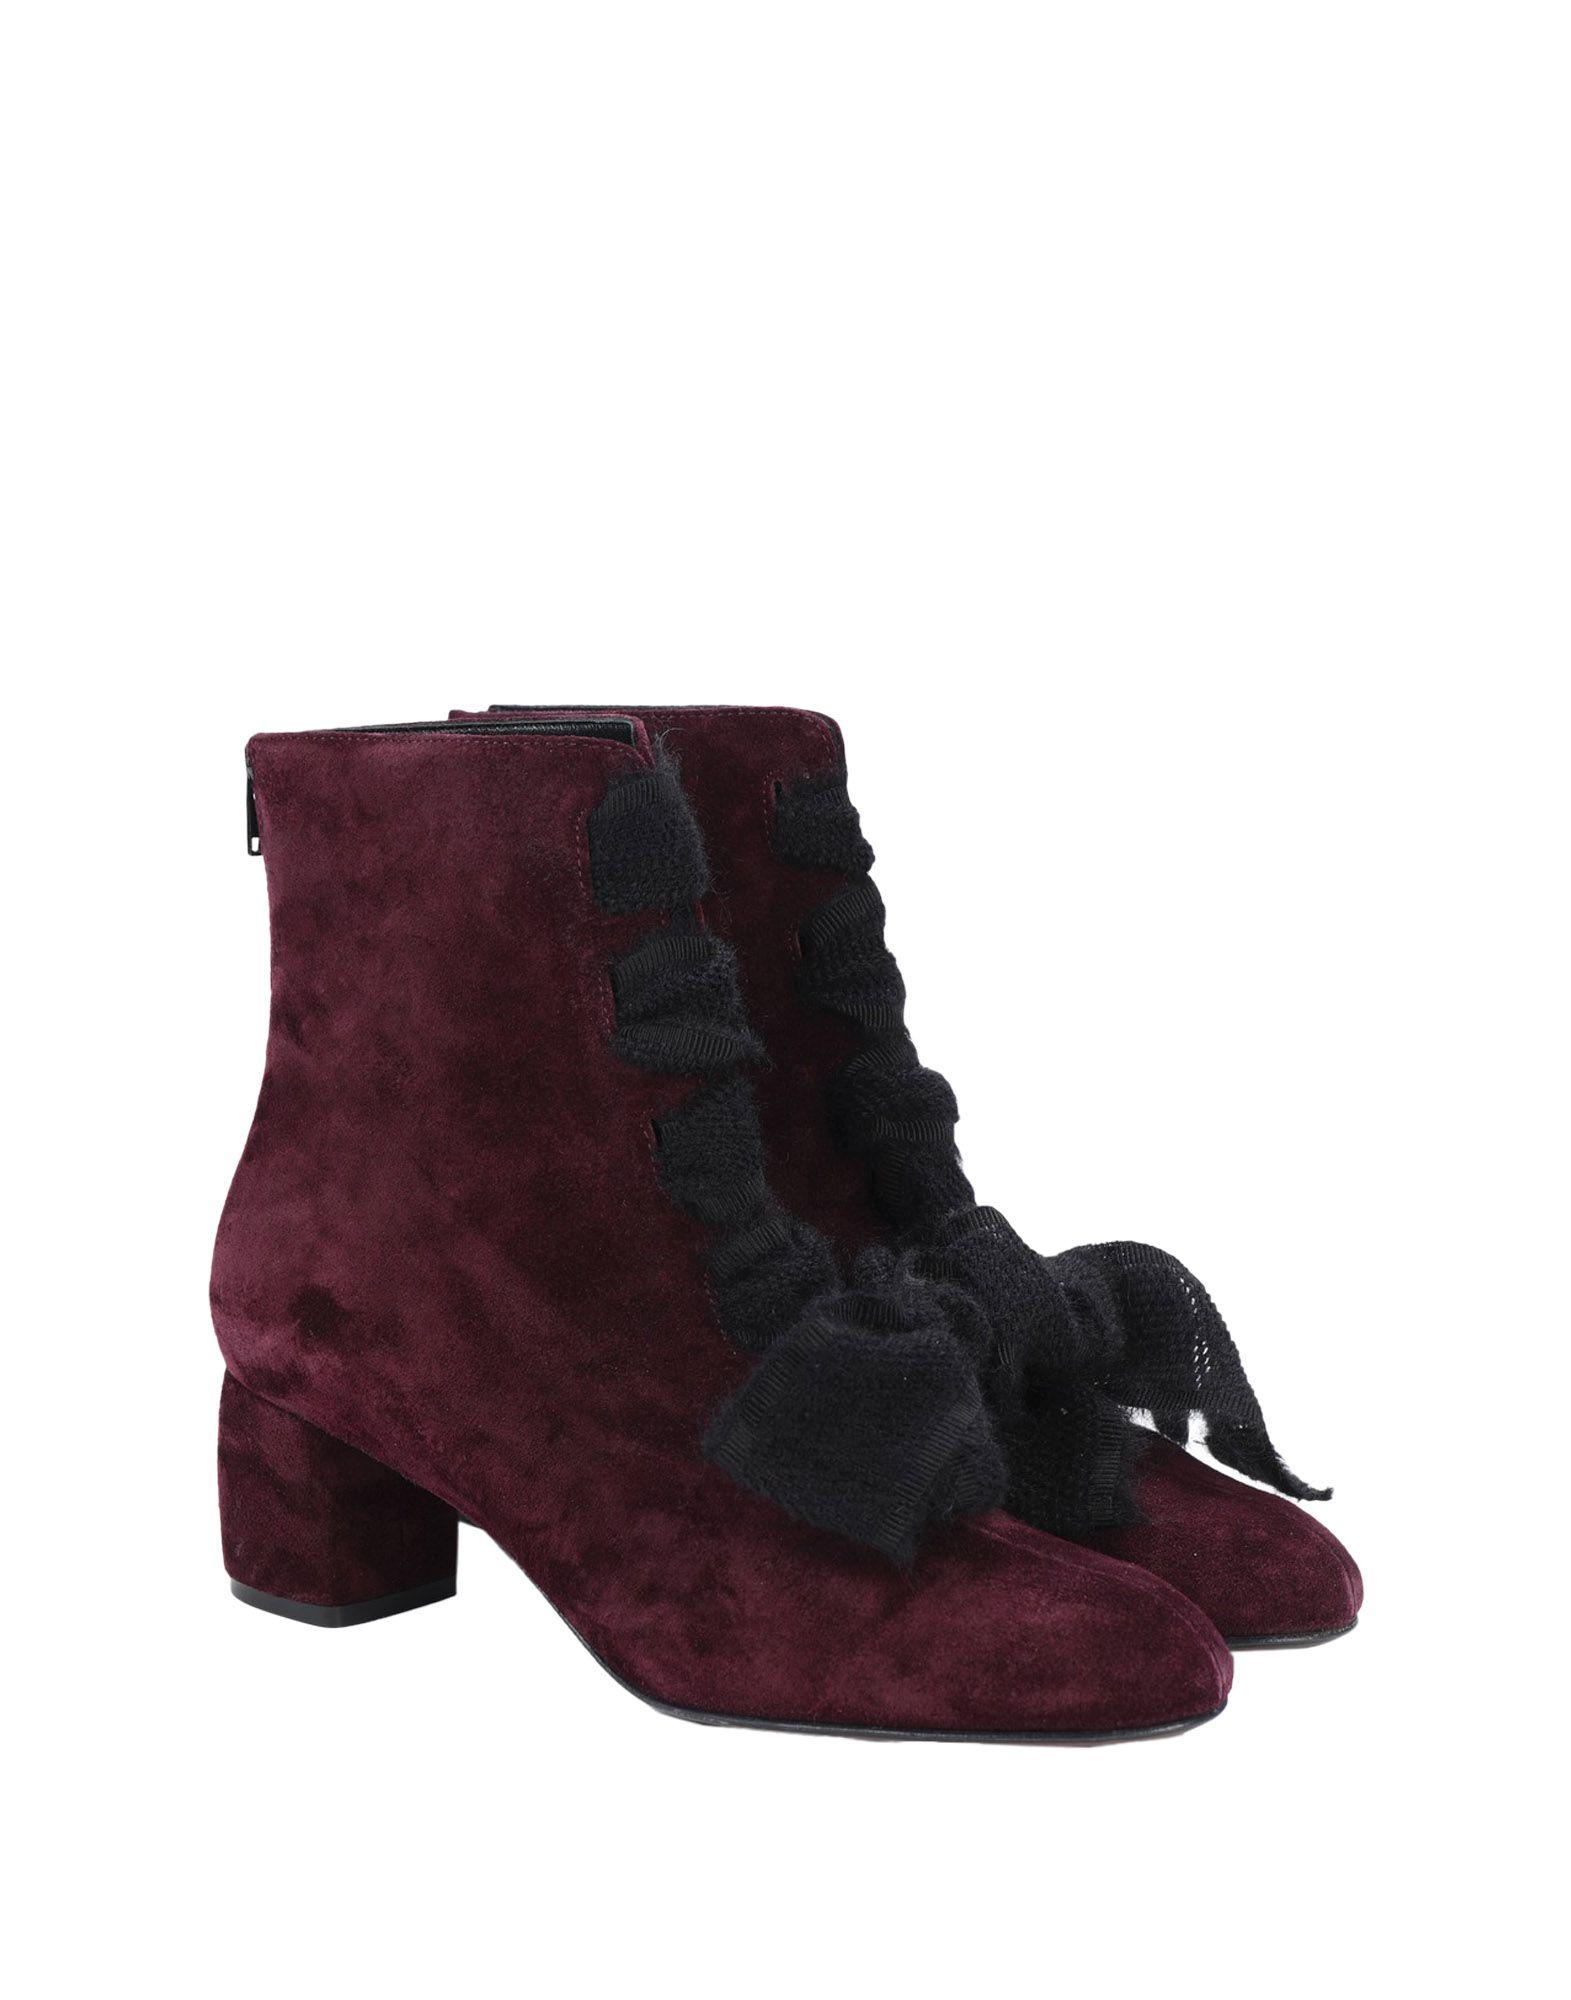 Rabatt Schuhe Agl Damen Attilio Giusti Leombruni Stiefelette Damen Agl  11555036VS fdca17